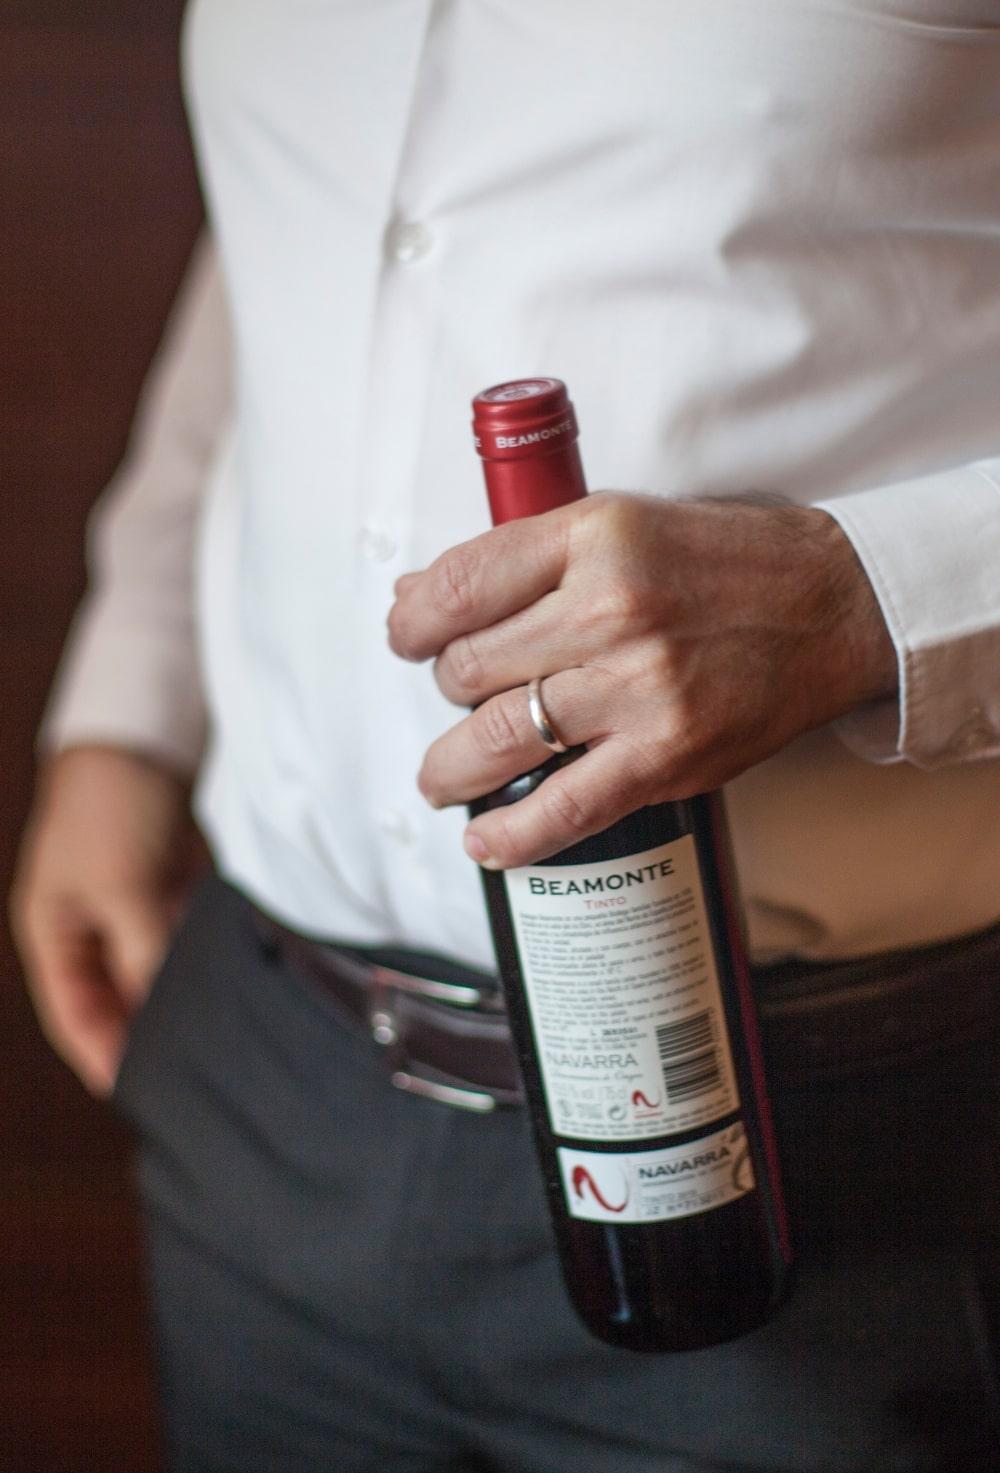 Carta de vinos en Restaurante Zara